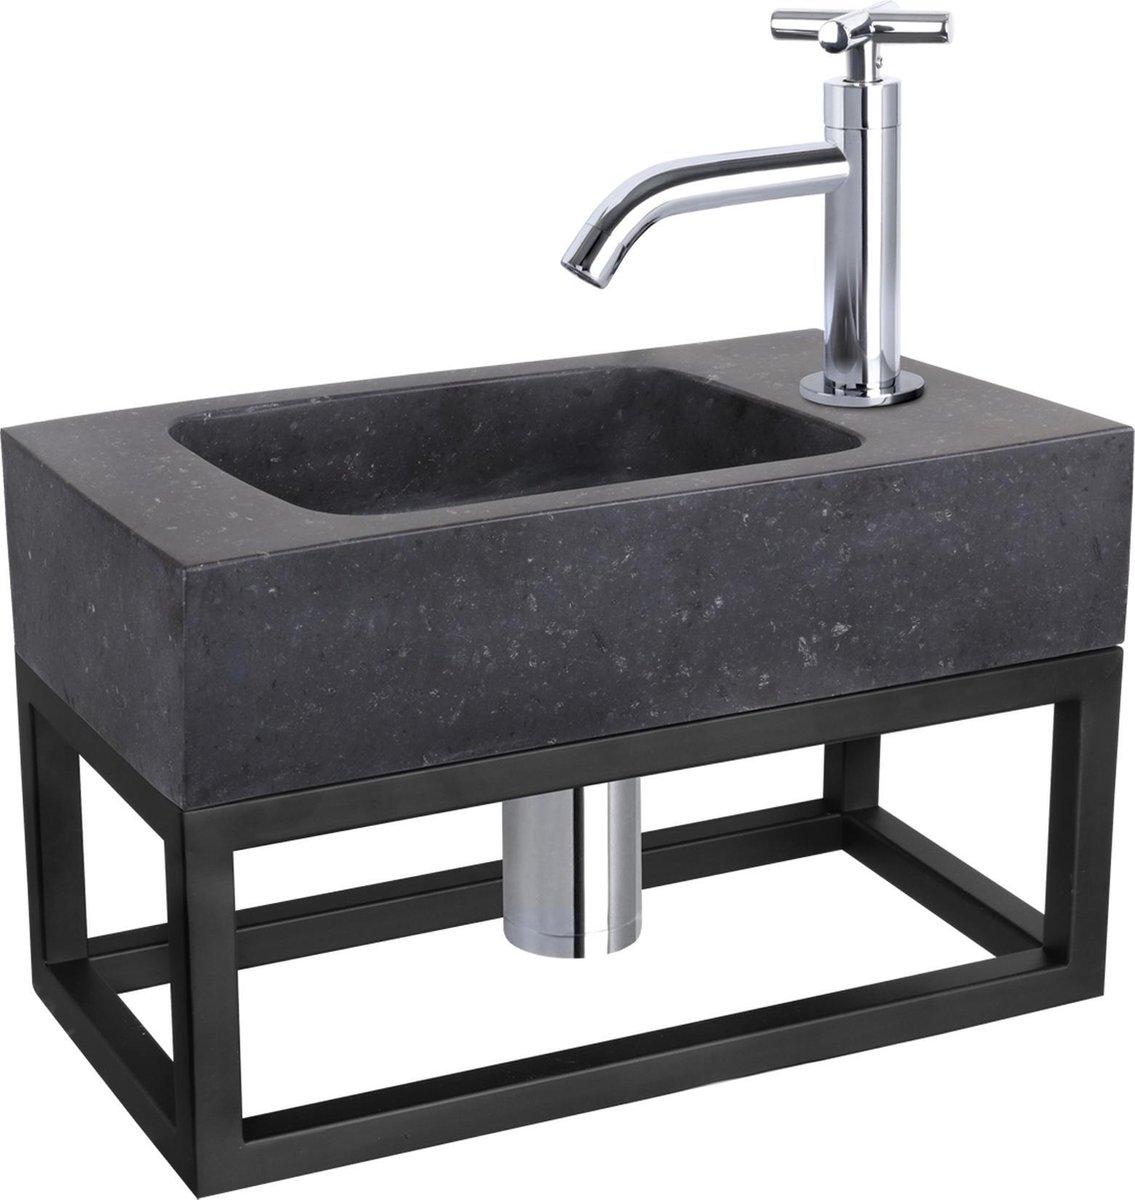 Differnz Fonteinset Bombai black - Natuursteen - Kraan kruis chroom - Met handdoekrek - 40 x 22 x 9 cm